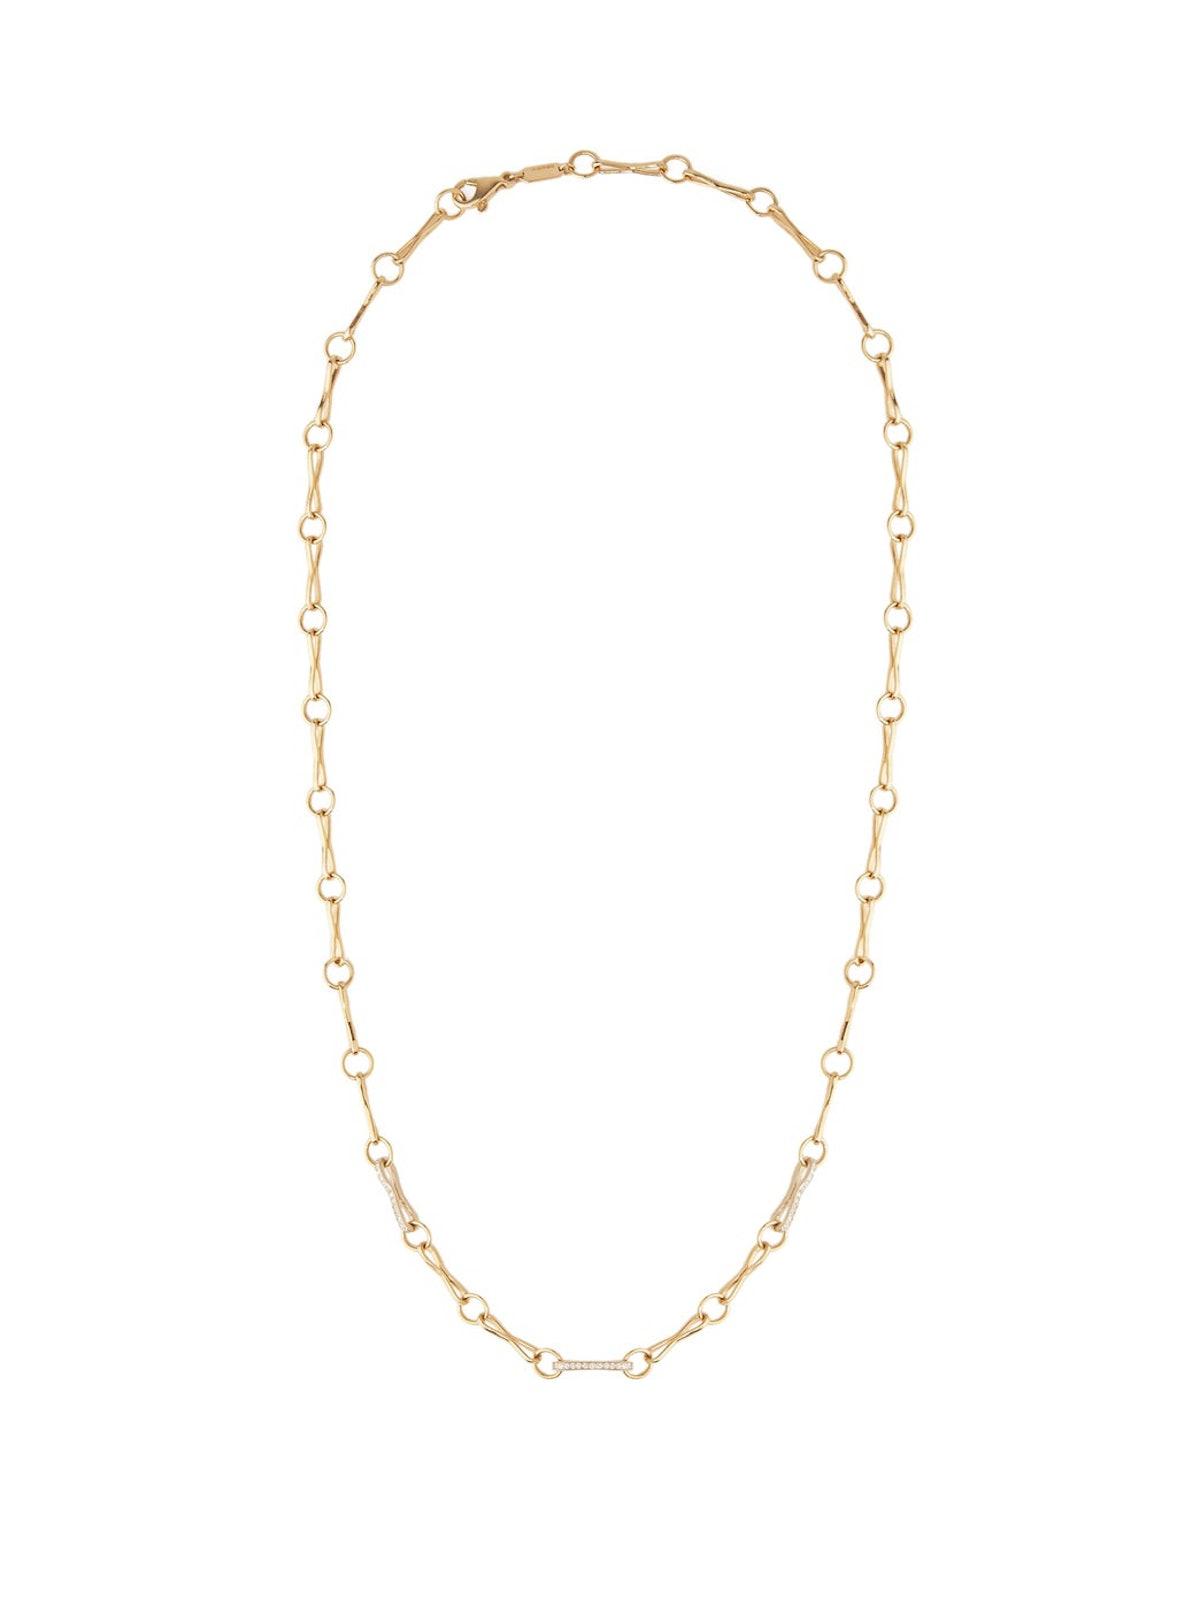 Diamond & 18kt Gold Necklace